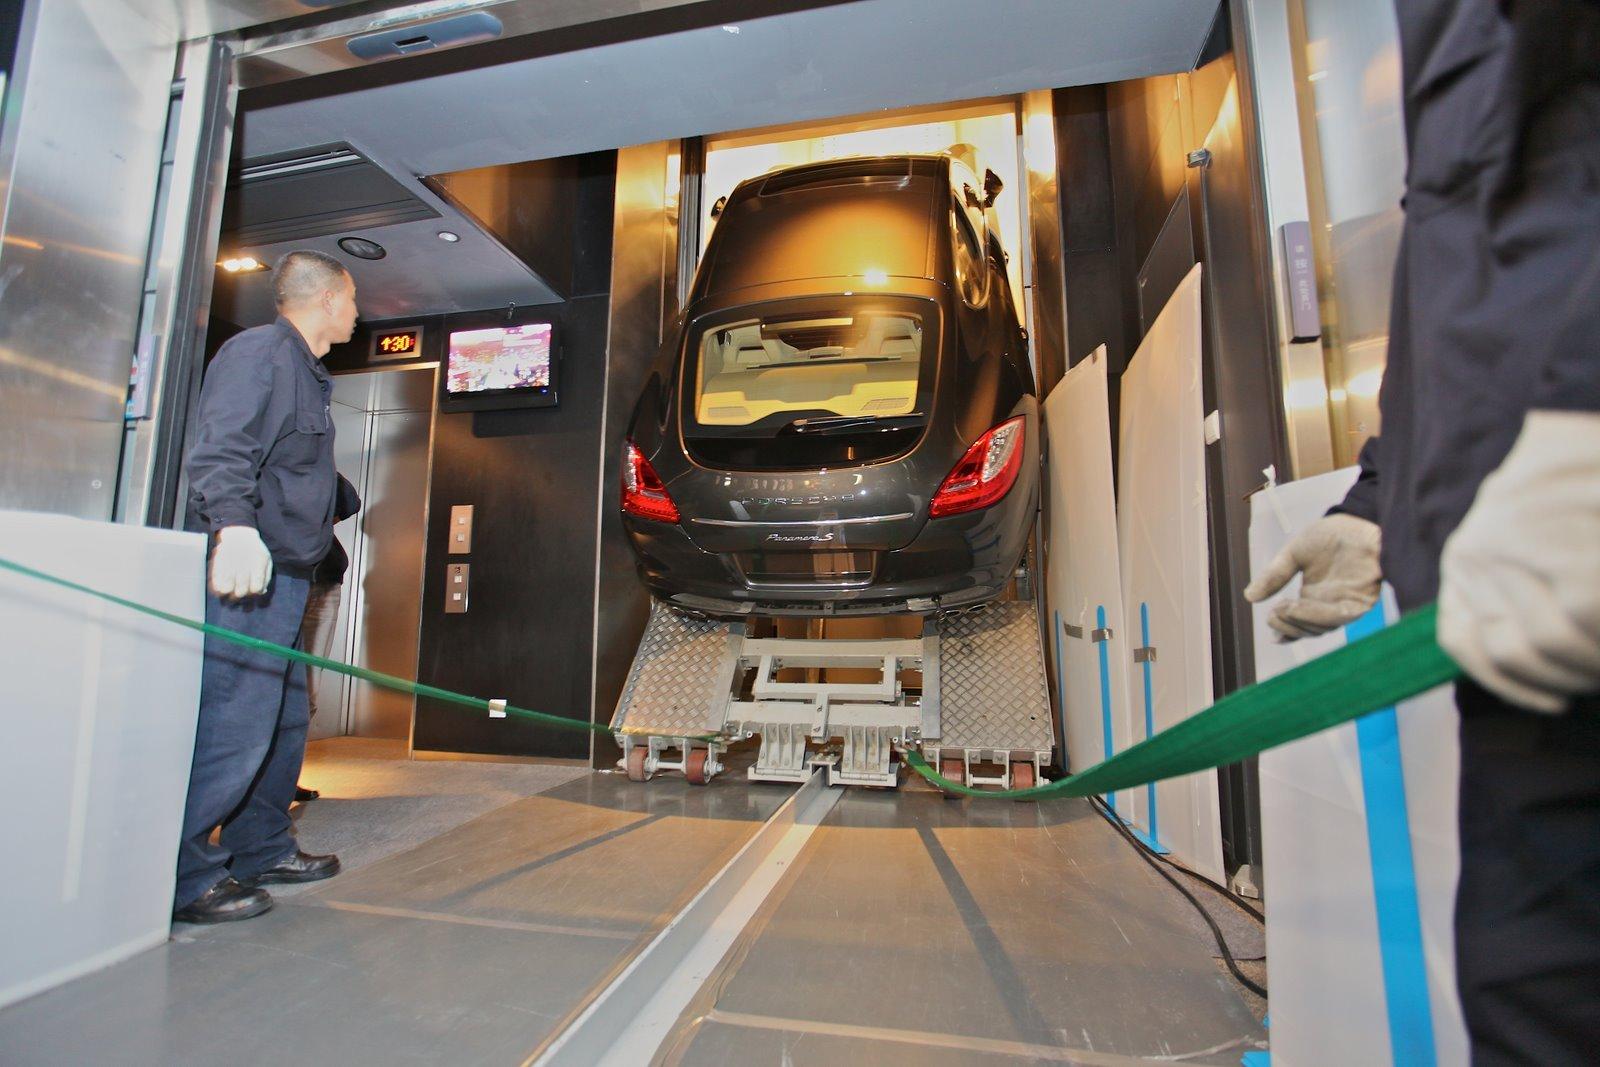 Porsche panamera la 5 portes familiale de porsche automobile en g n ral forum autocadre - Porsche panamera 5 portes ...